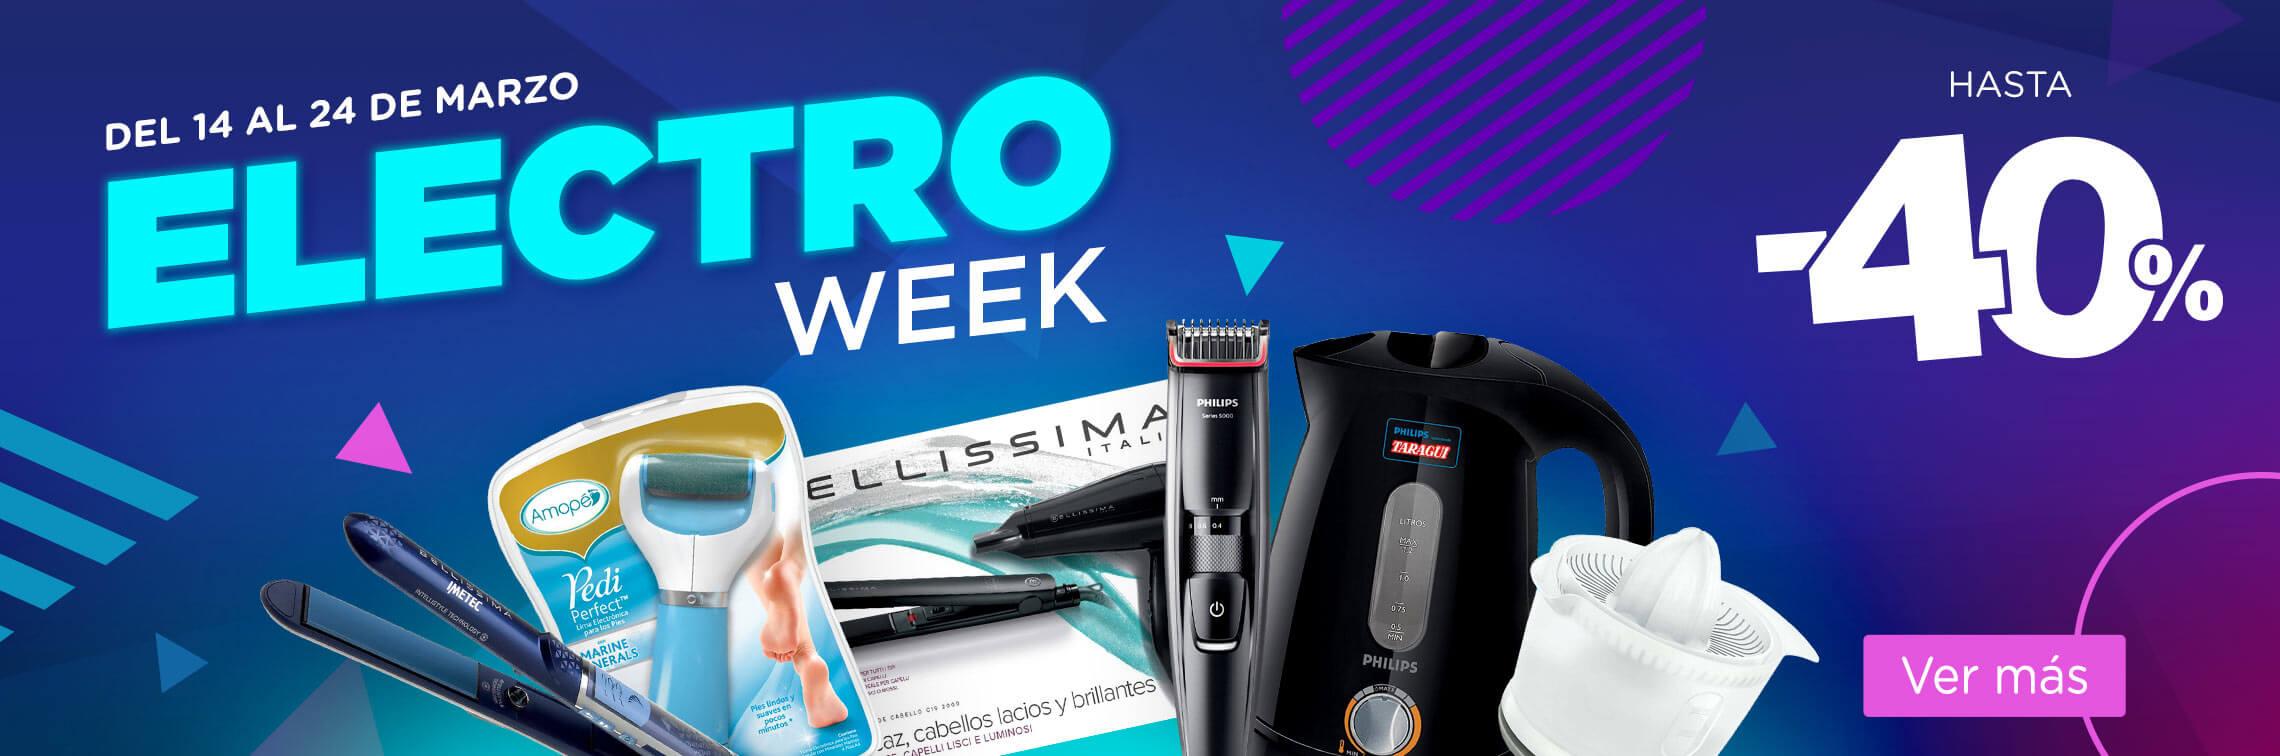 Electro Week